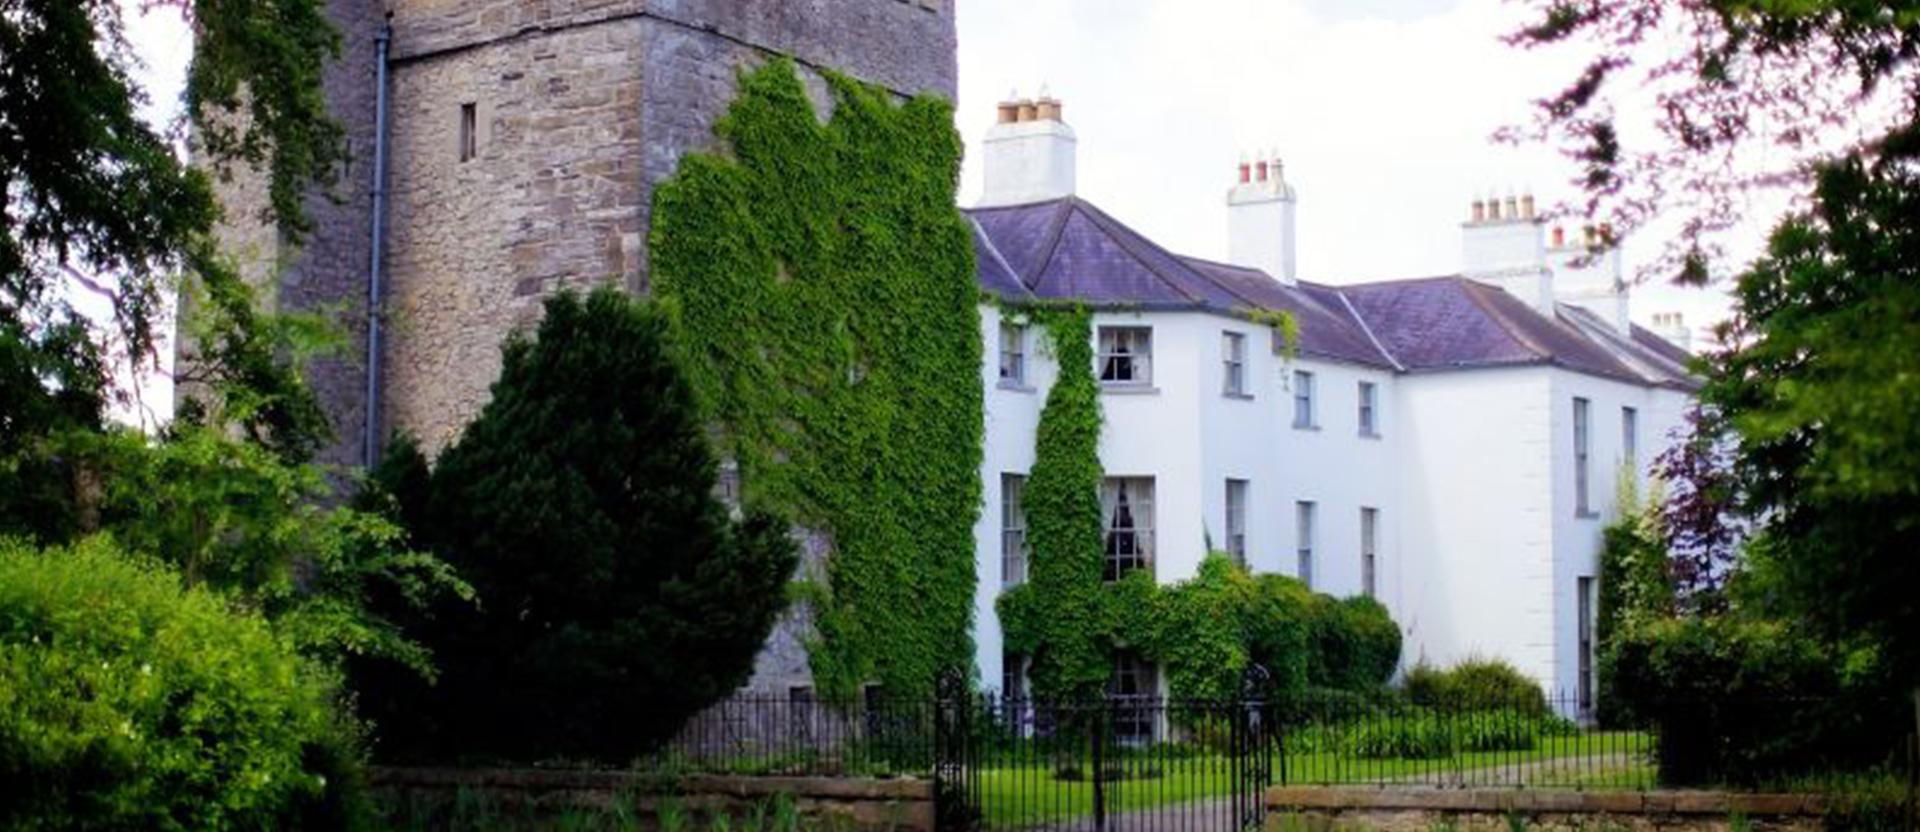 Image of Barberstown Castle in Kildare, Ireland